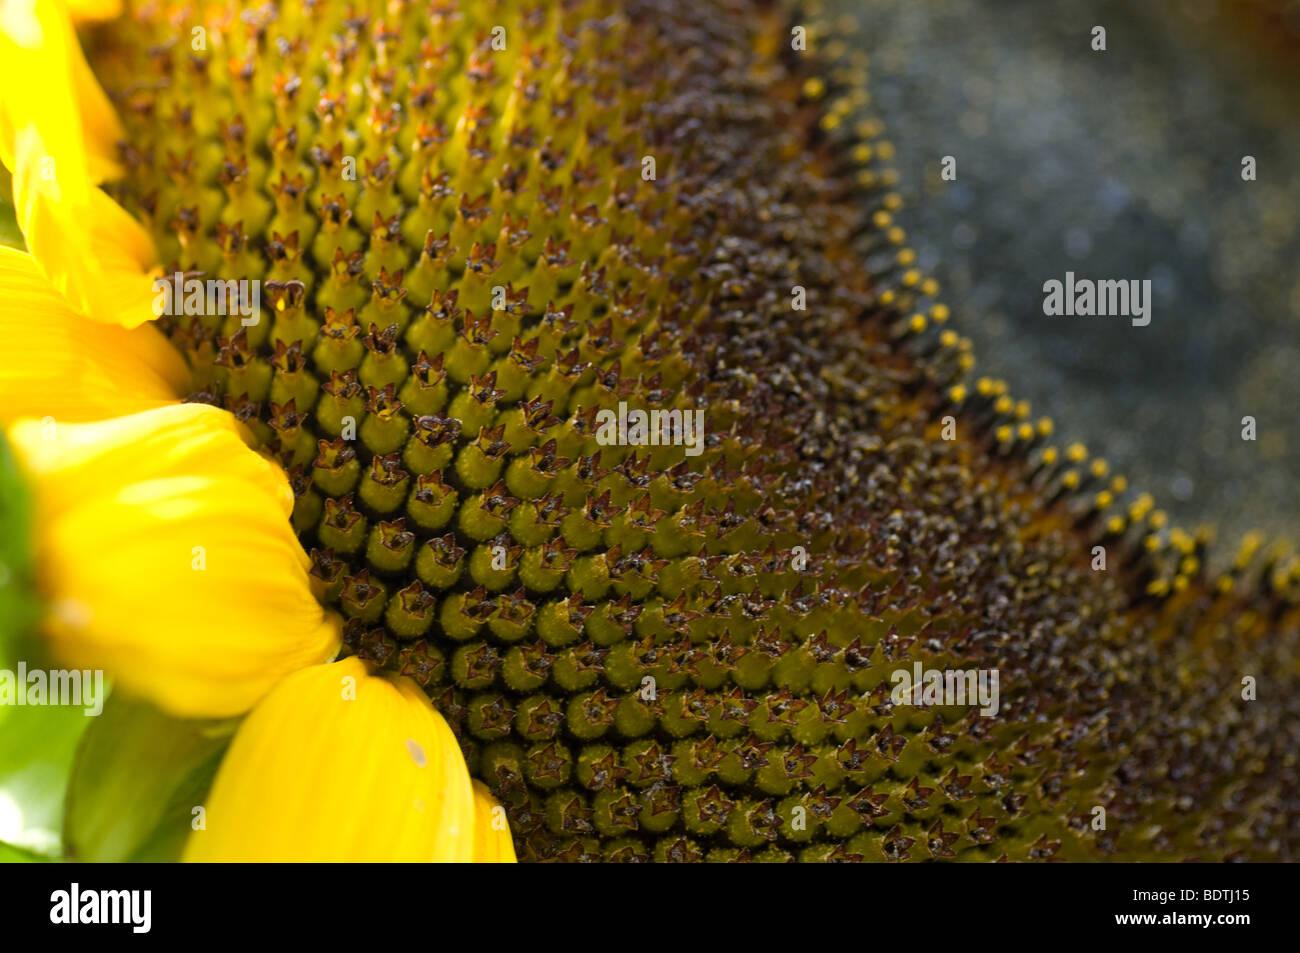 Dettaglio di girasole con seme head Foto Stock